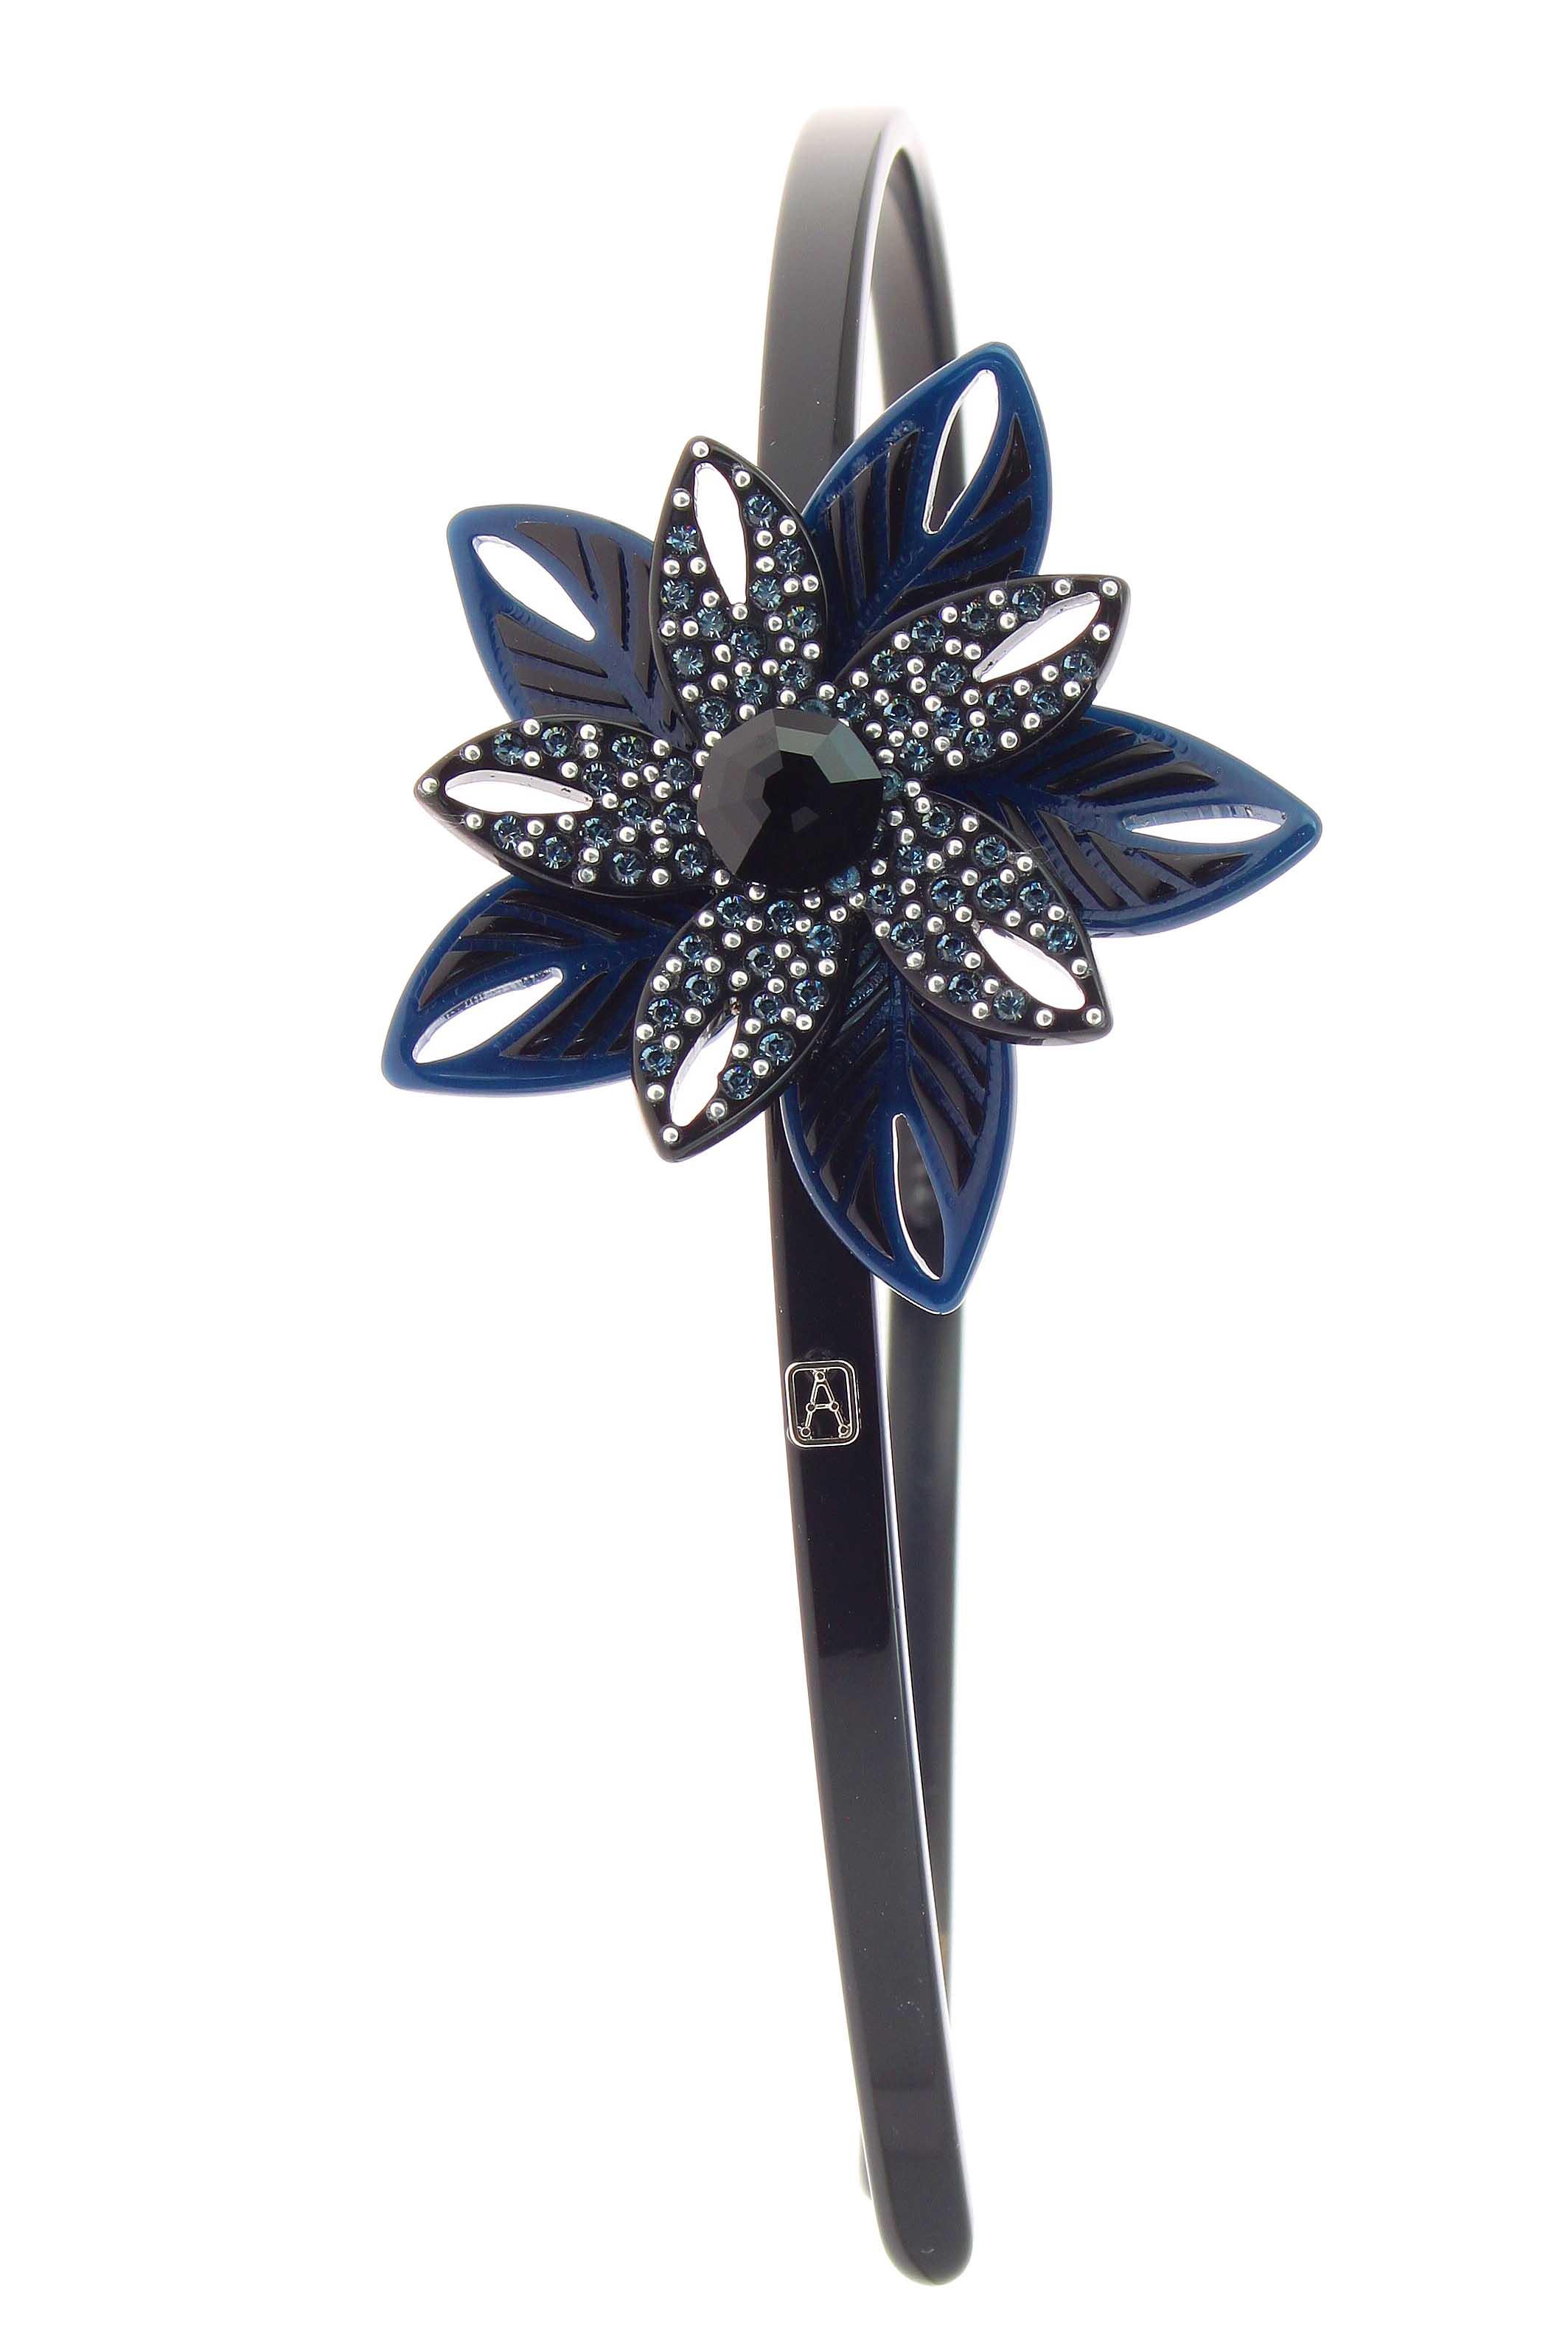 ALEXANDRE DE PARIS AHB-16229-02 Cor Z Azul Marinho TIARA EXOTICA R$ 950,00